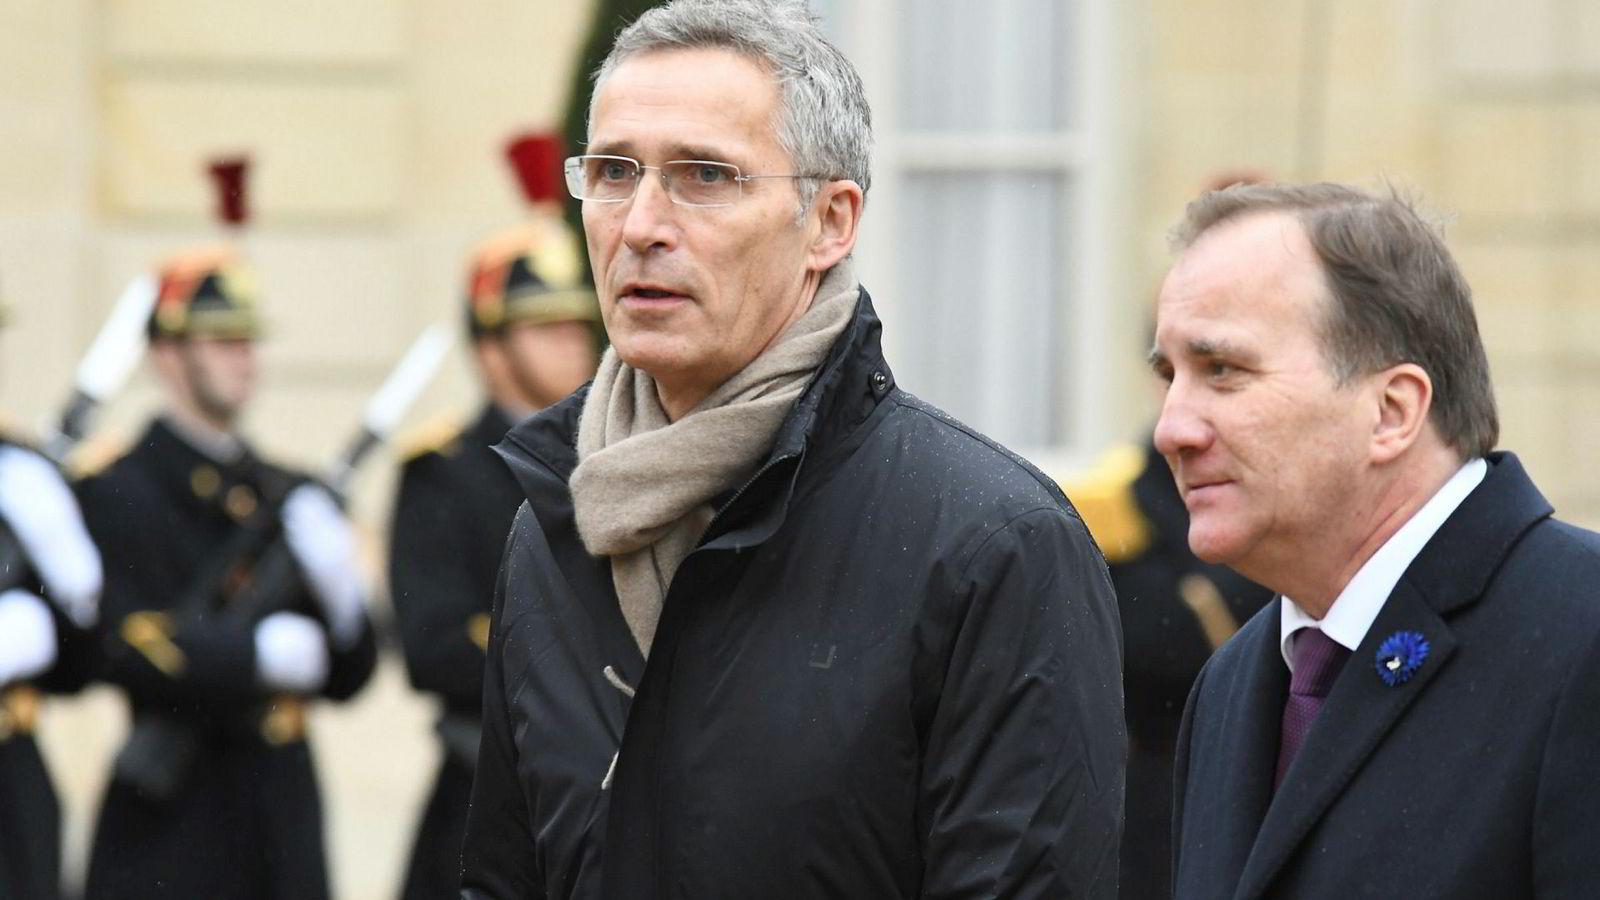 Natos generalsekretær Jens Stoltenberg og Sveriges fungerende statsminister Stefan Löfven ankommer til Élyséepalasset for å spise lunsj med andre ledere i forbindelse med hundreårsdagen for våpenhvilen som satte sluttstrek for første verdenskrig.